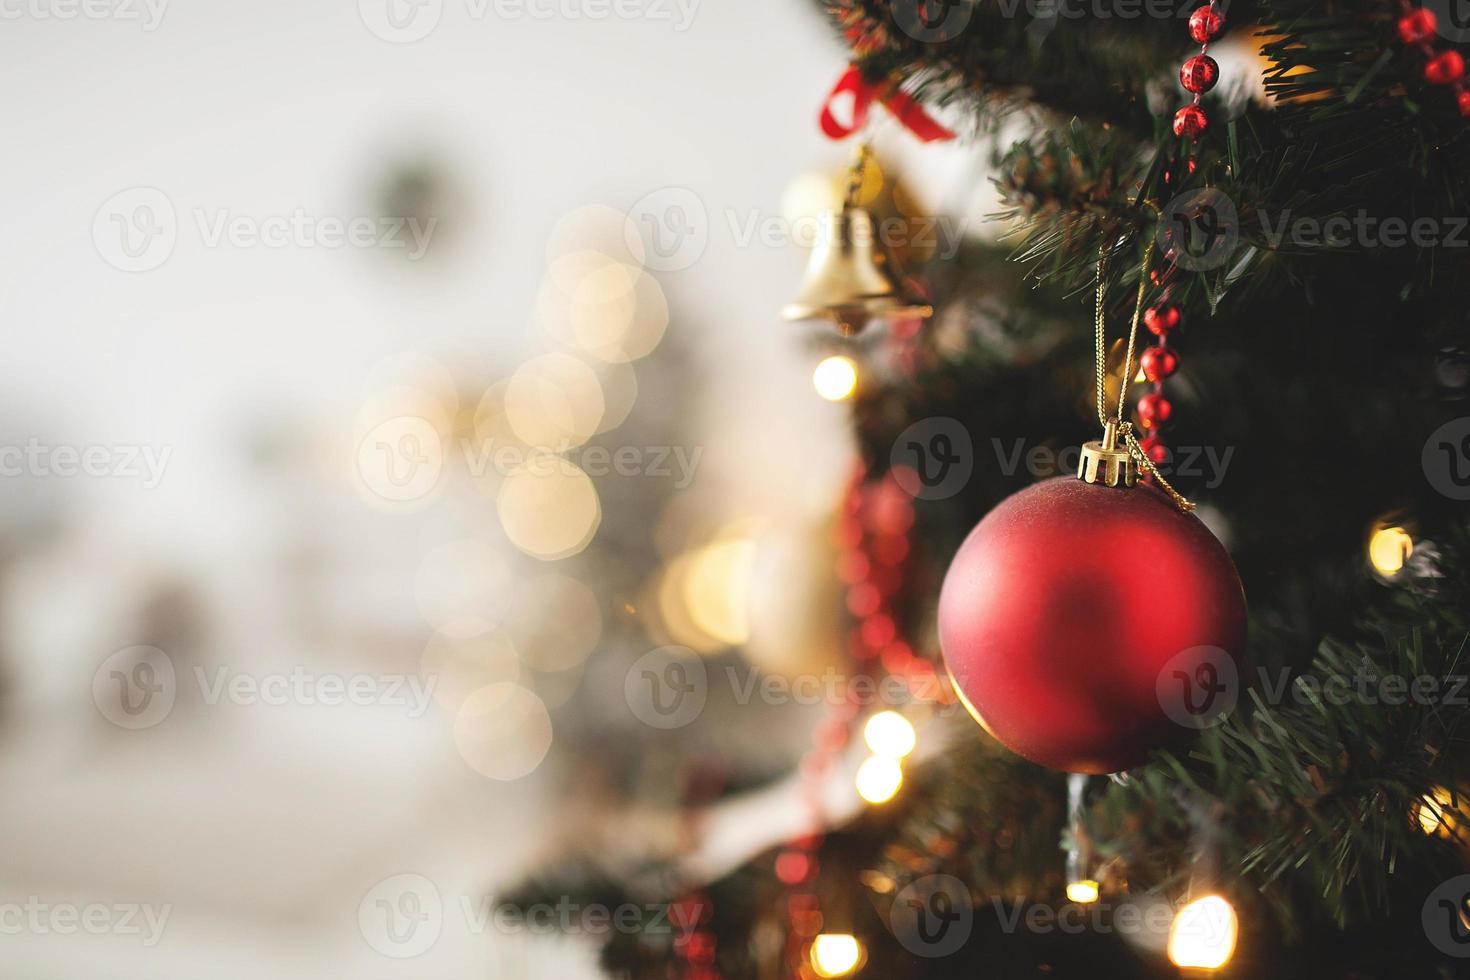 geschmückter Weihnachtsbaum mit Spielzeug- und Kopierraum foto